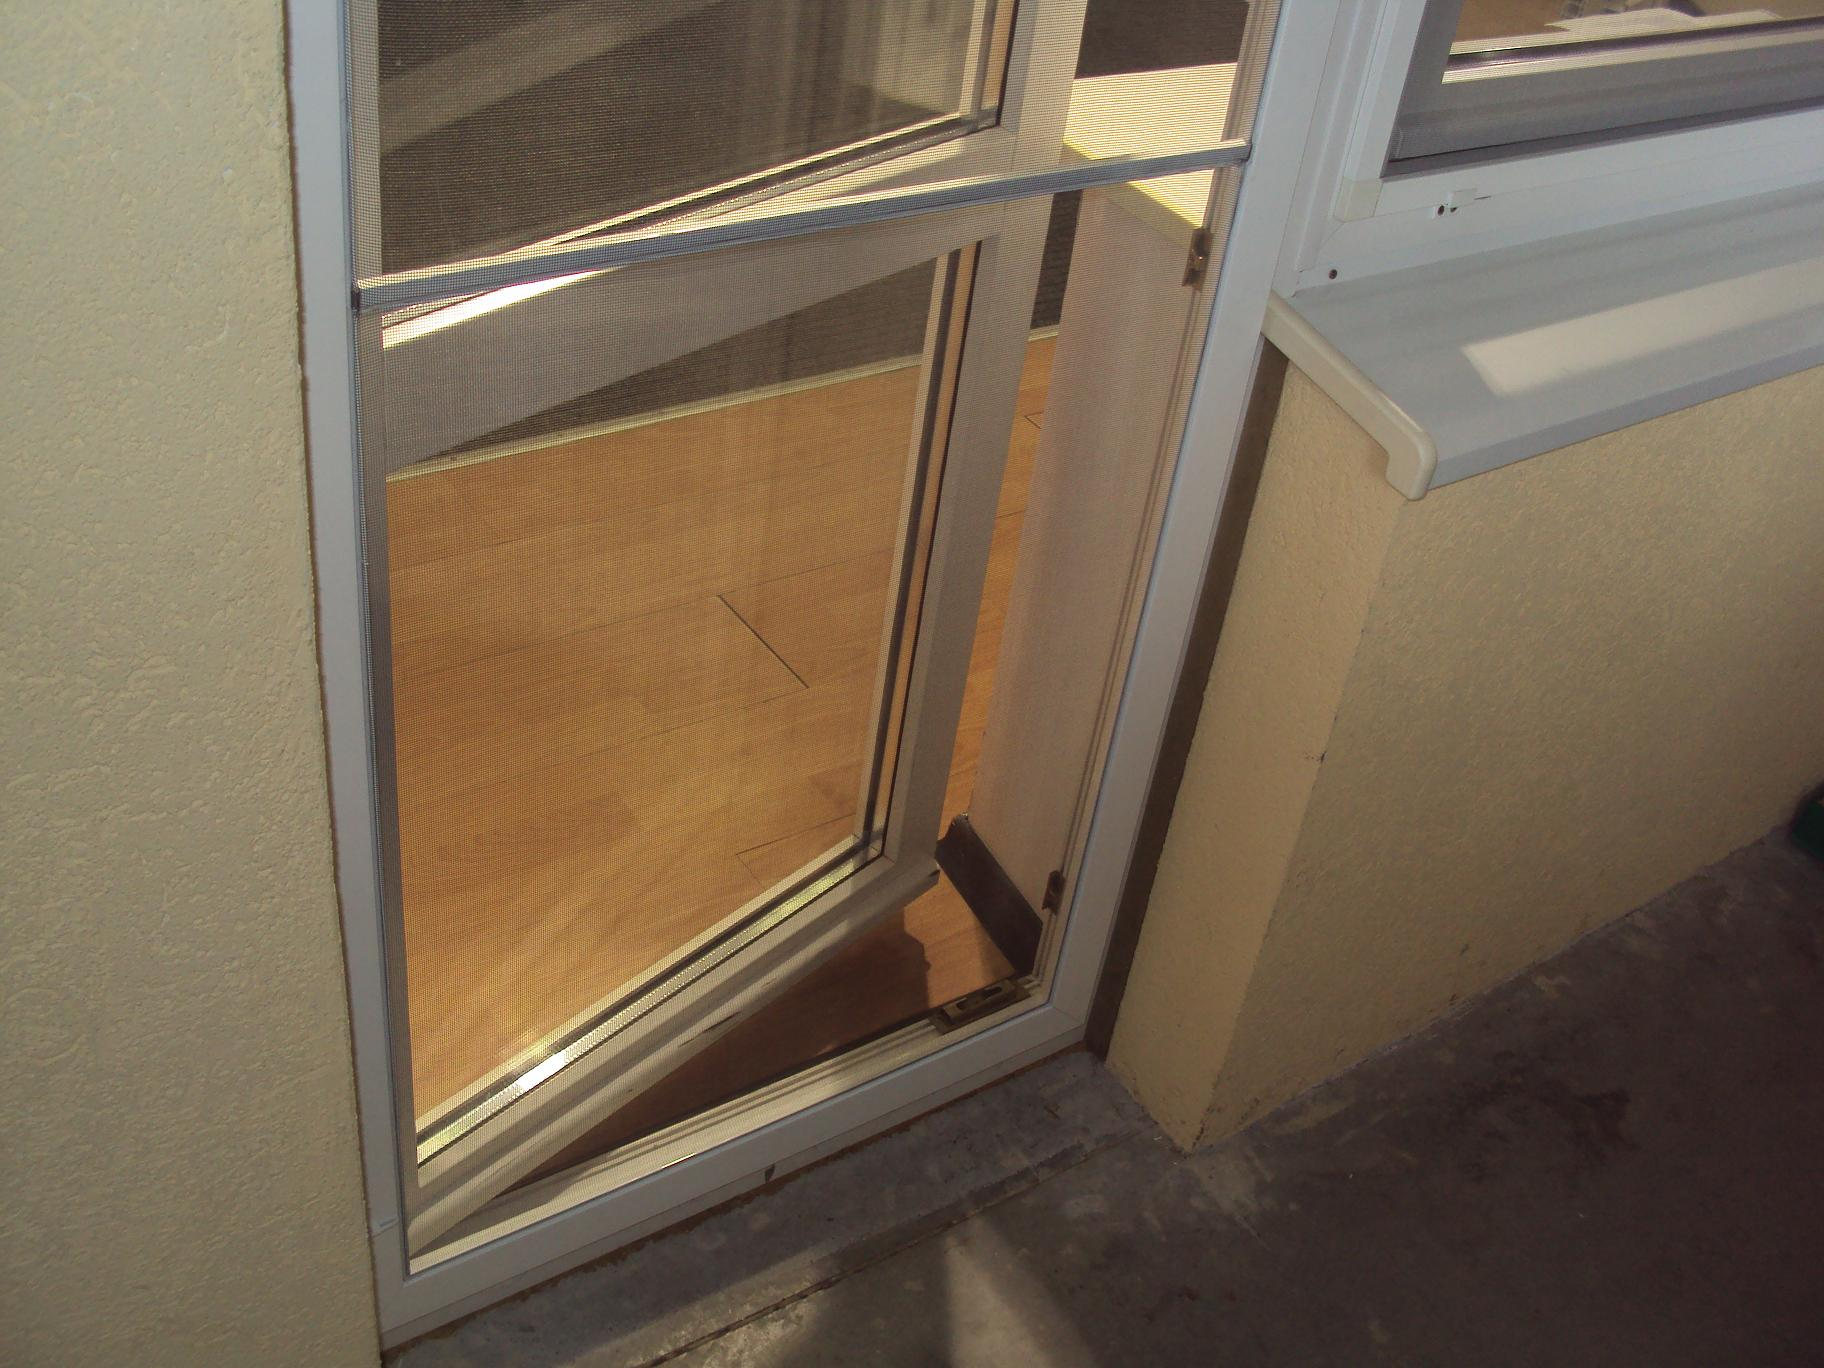 Москитная сетка на дверном проеме